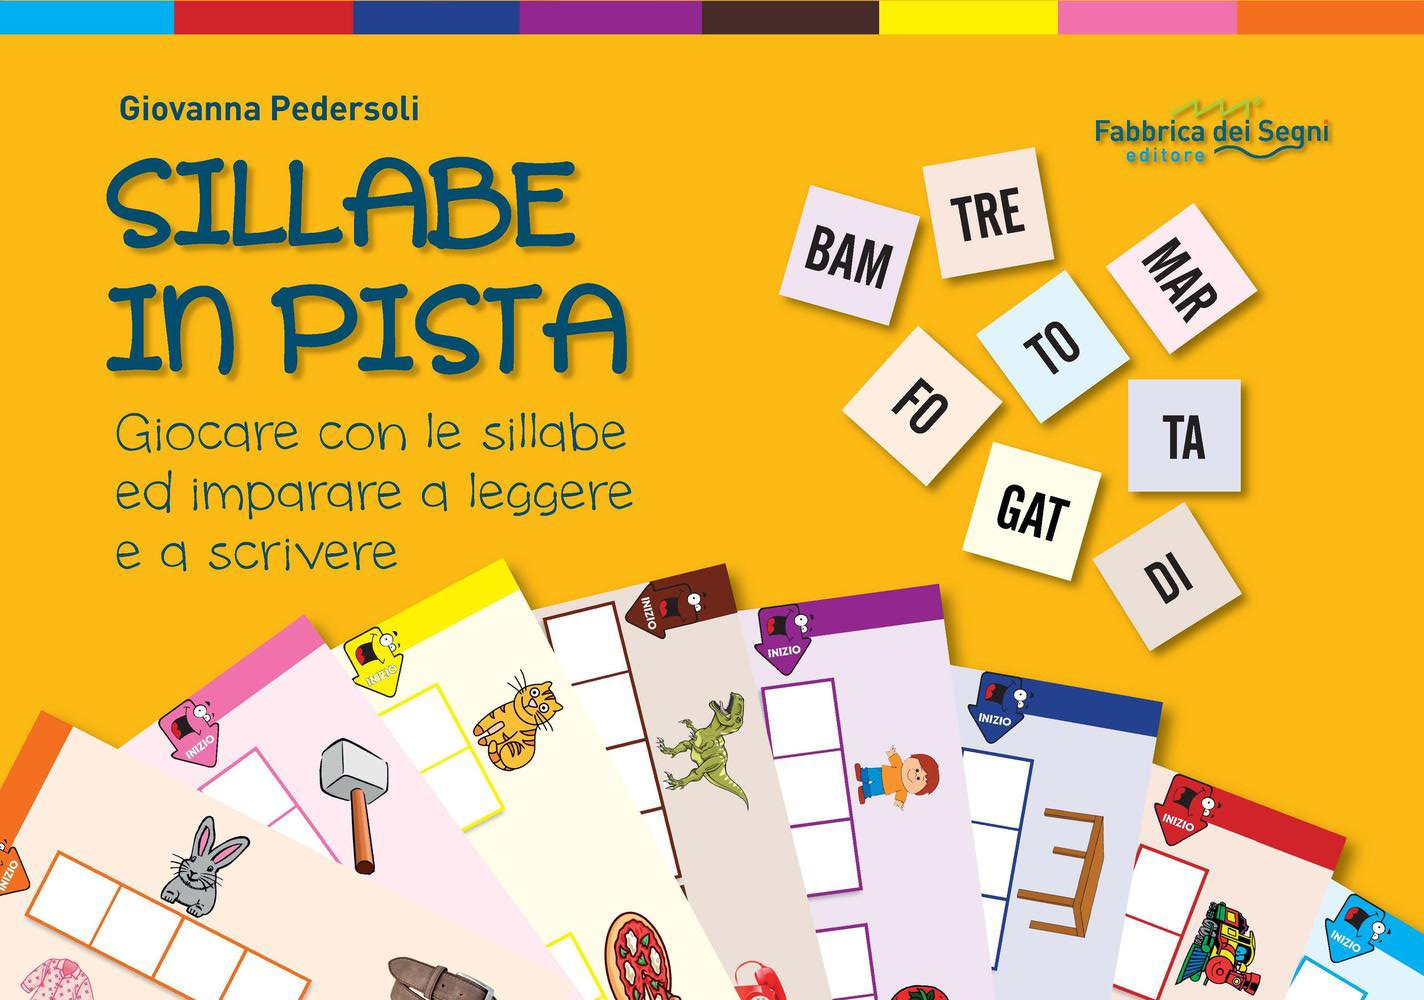 Top sillabe scuola primaria classe prima ok53 pineglen - Parole con due significati diversi ...